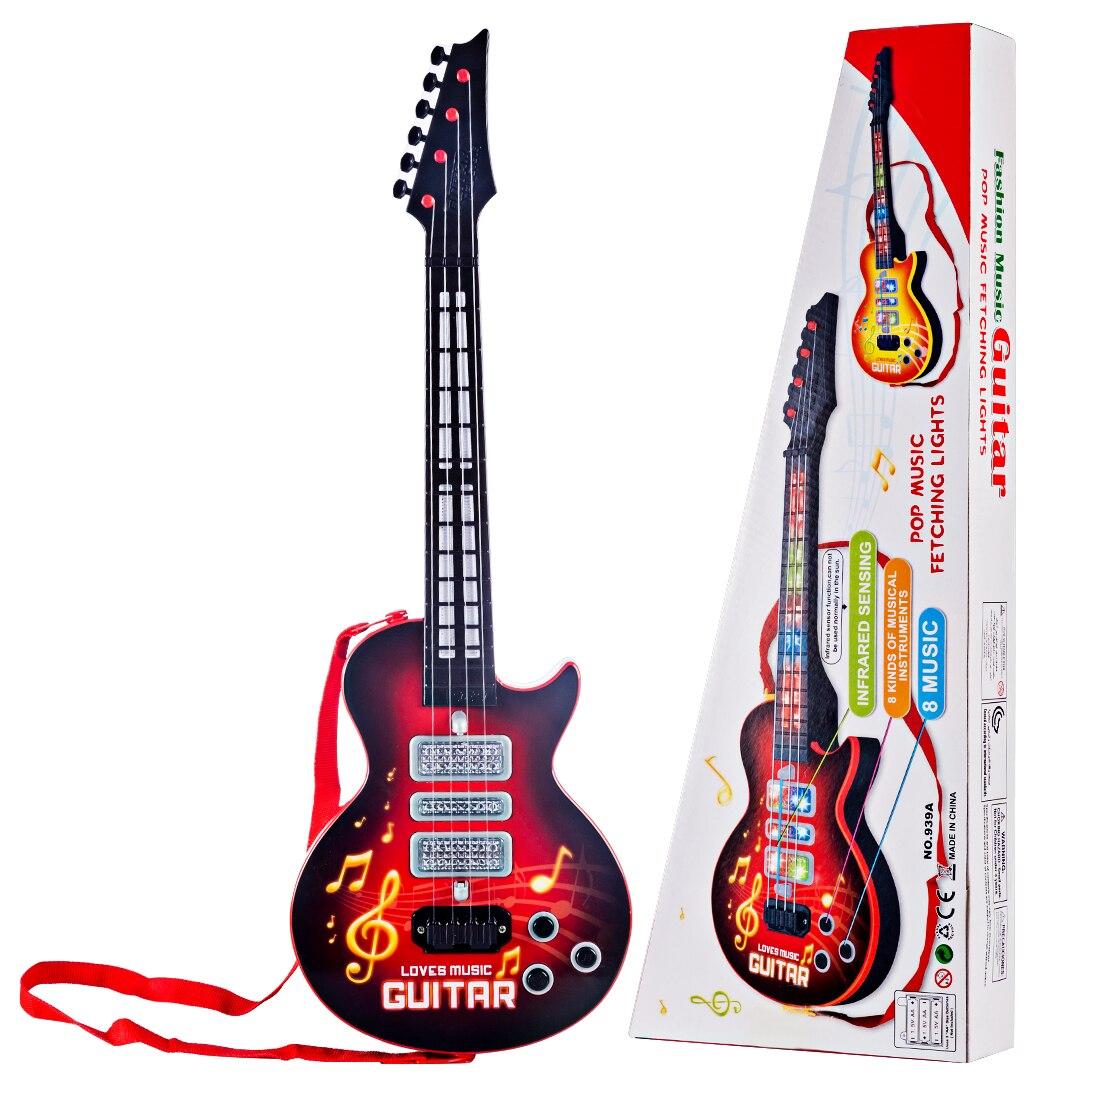 Hiqh recomendar 4 cuerdas de música guitarra eléctrica de juguete instrumentos musicales educativos para niños Juguetes Año nuevo regalo de cumpleaños